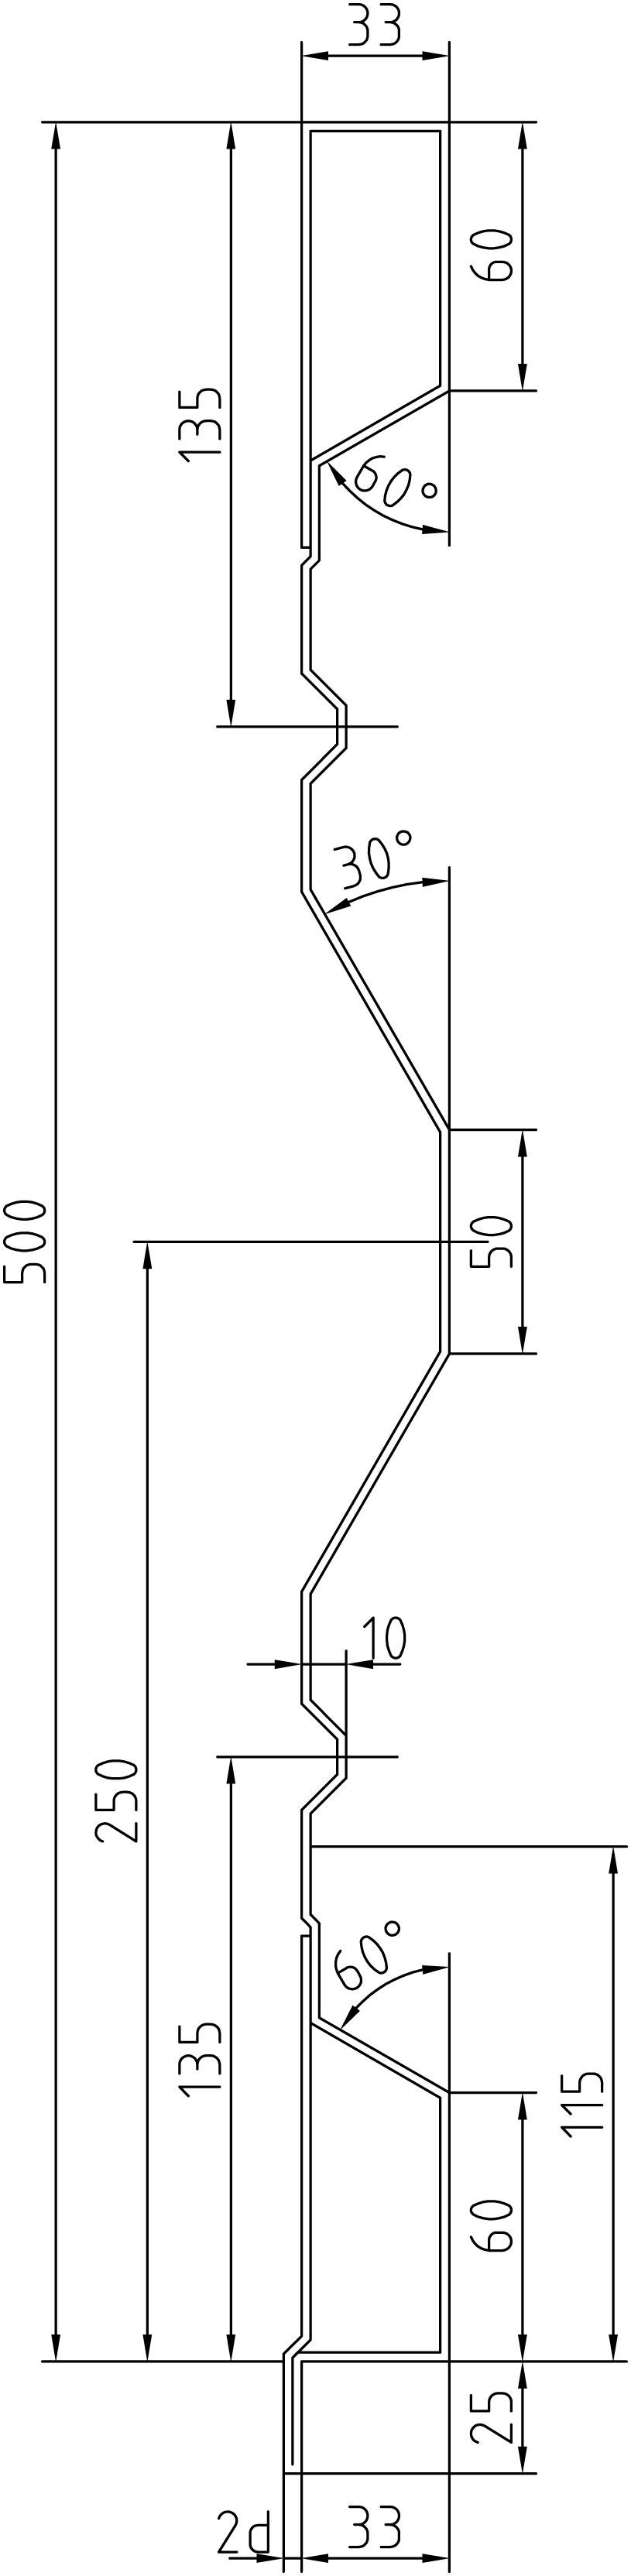 Brantner Kipper und Anhänger - AKmE HVAK 500x2 2141 trailing edge 40/20/5